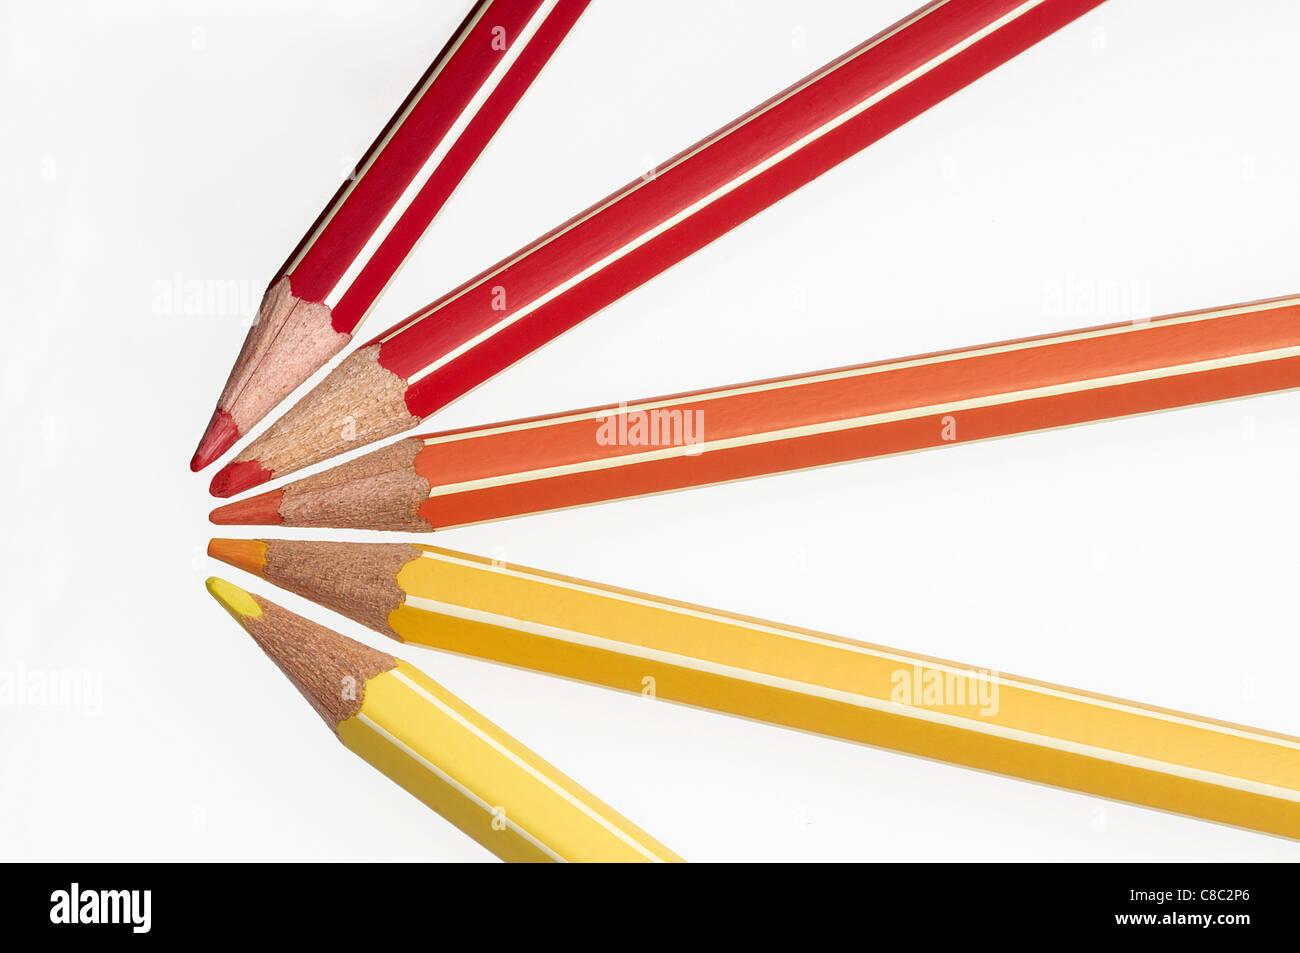 Stylos Crayons De Couleurs Pastels Dessiner Dessin Coloriage